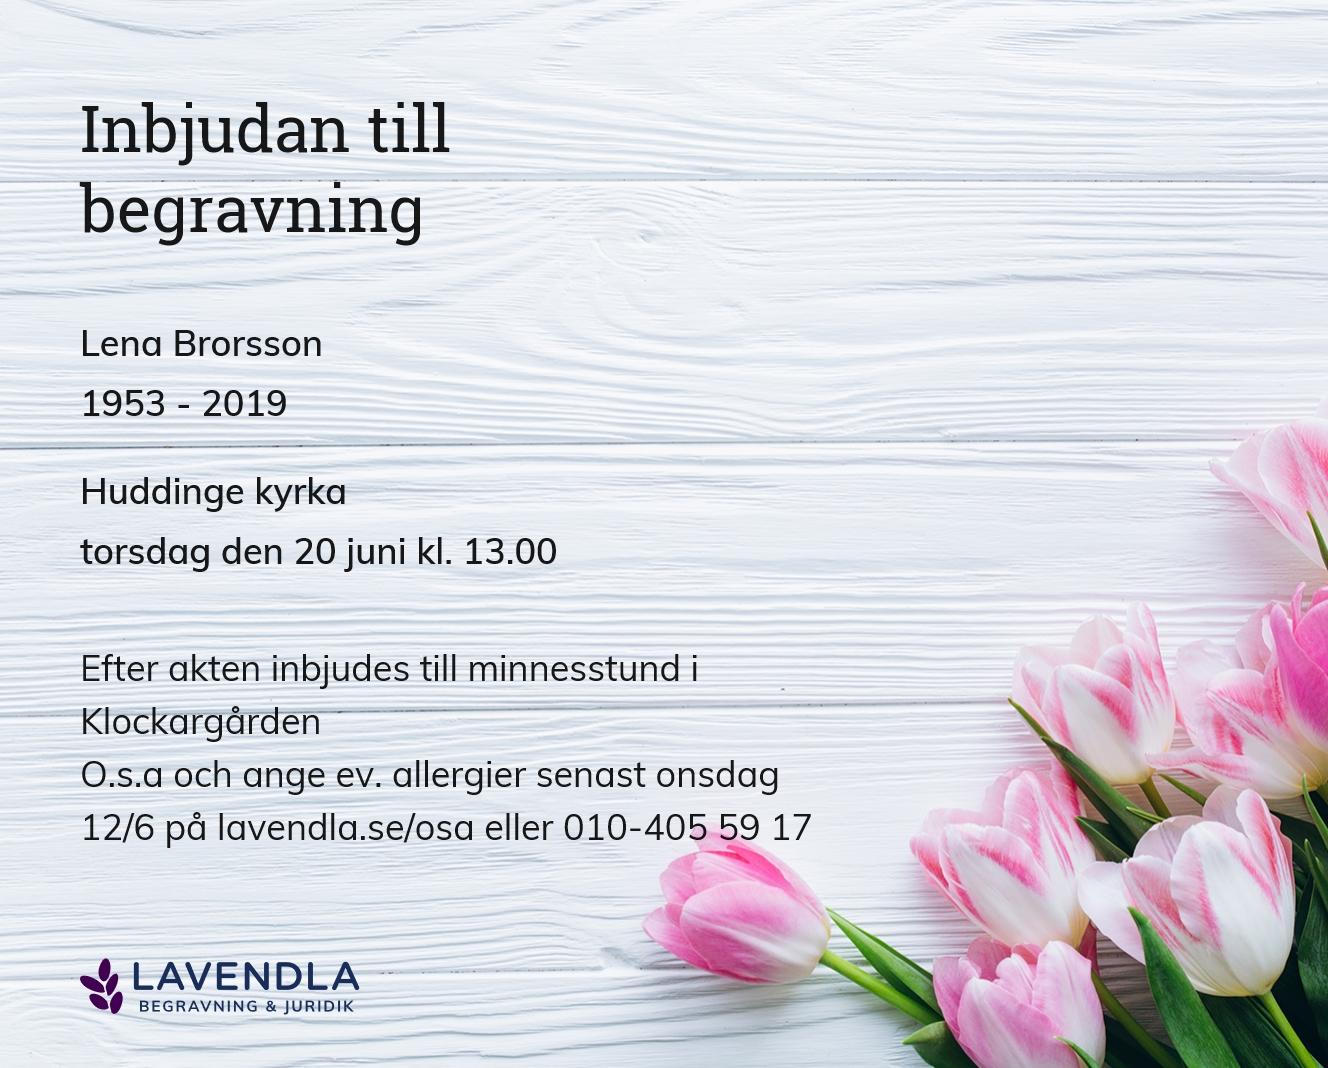 Inbjudningskort till ceremonin för Lena Brorsson